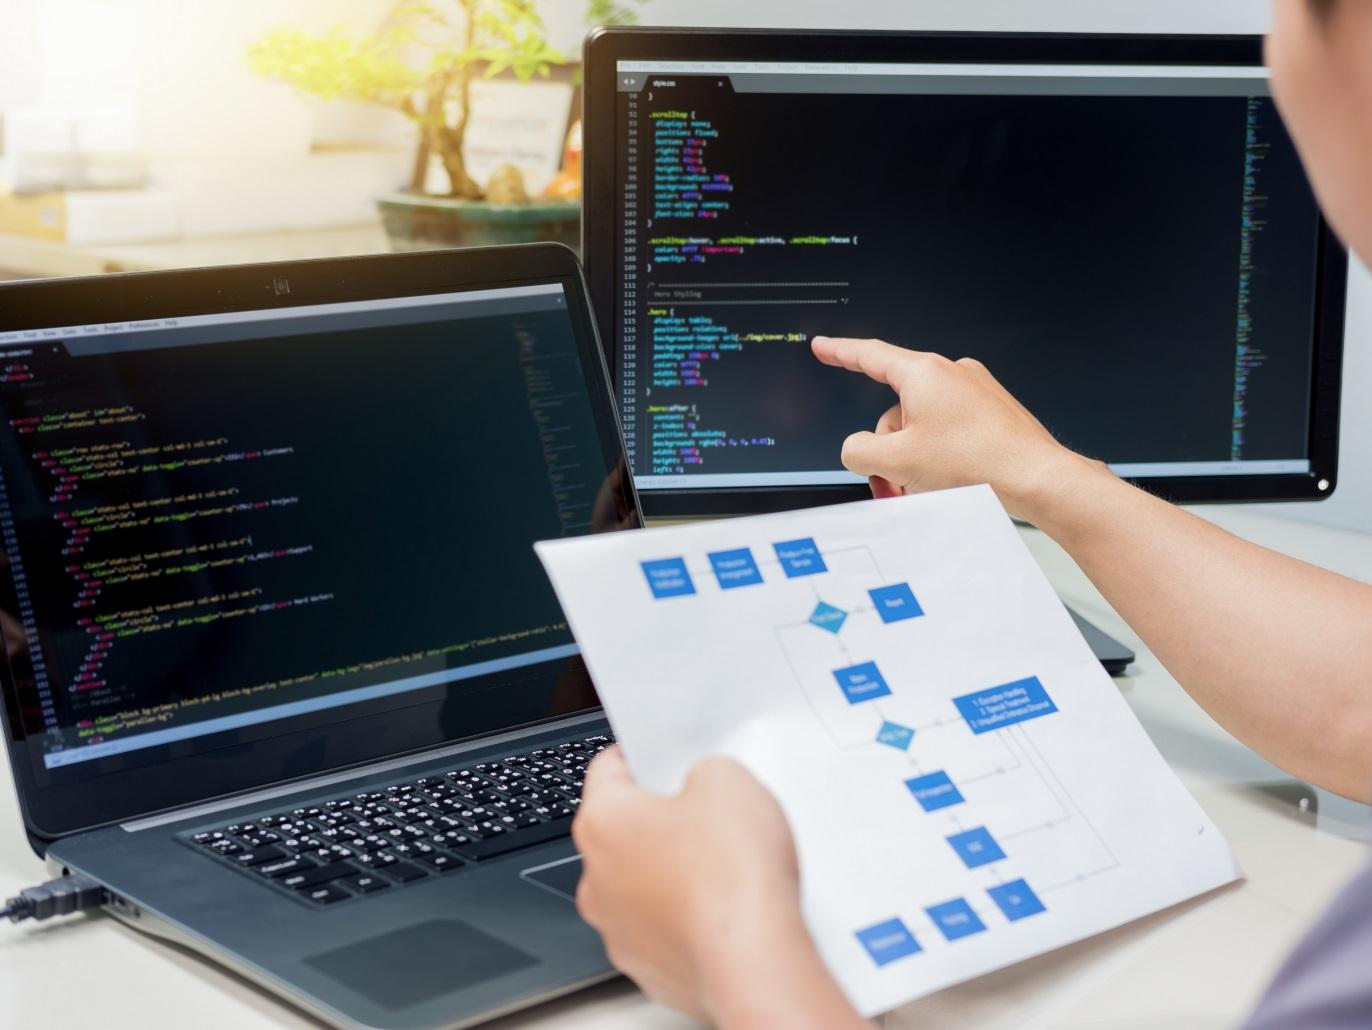 ماذا تحتاج لاختيار شركة حلول برمجية بعناية؟